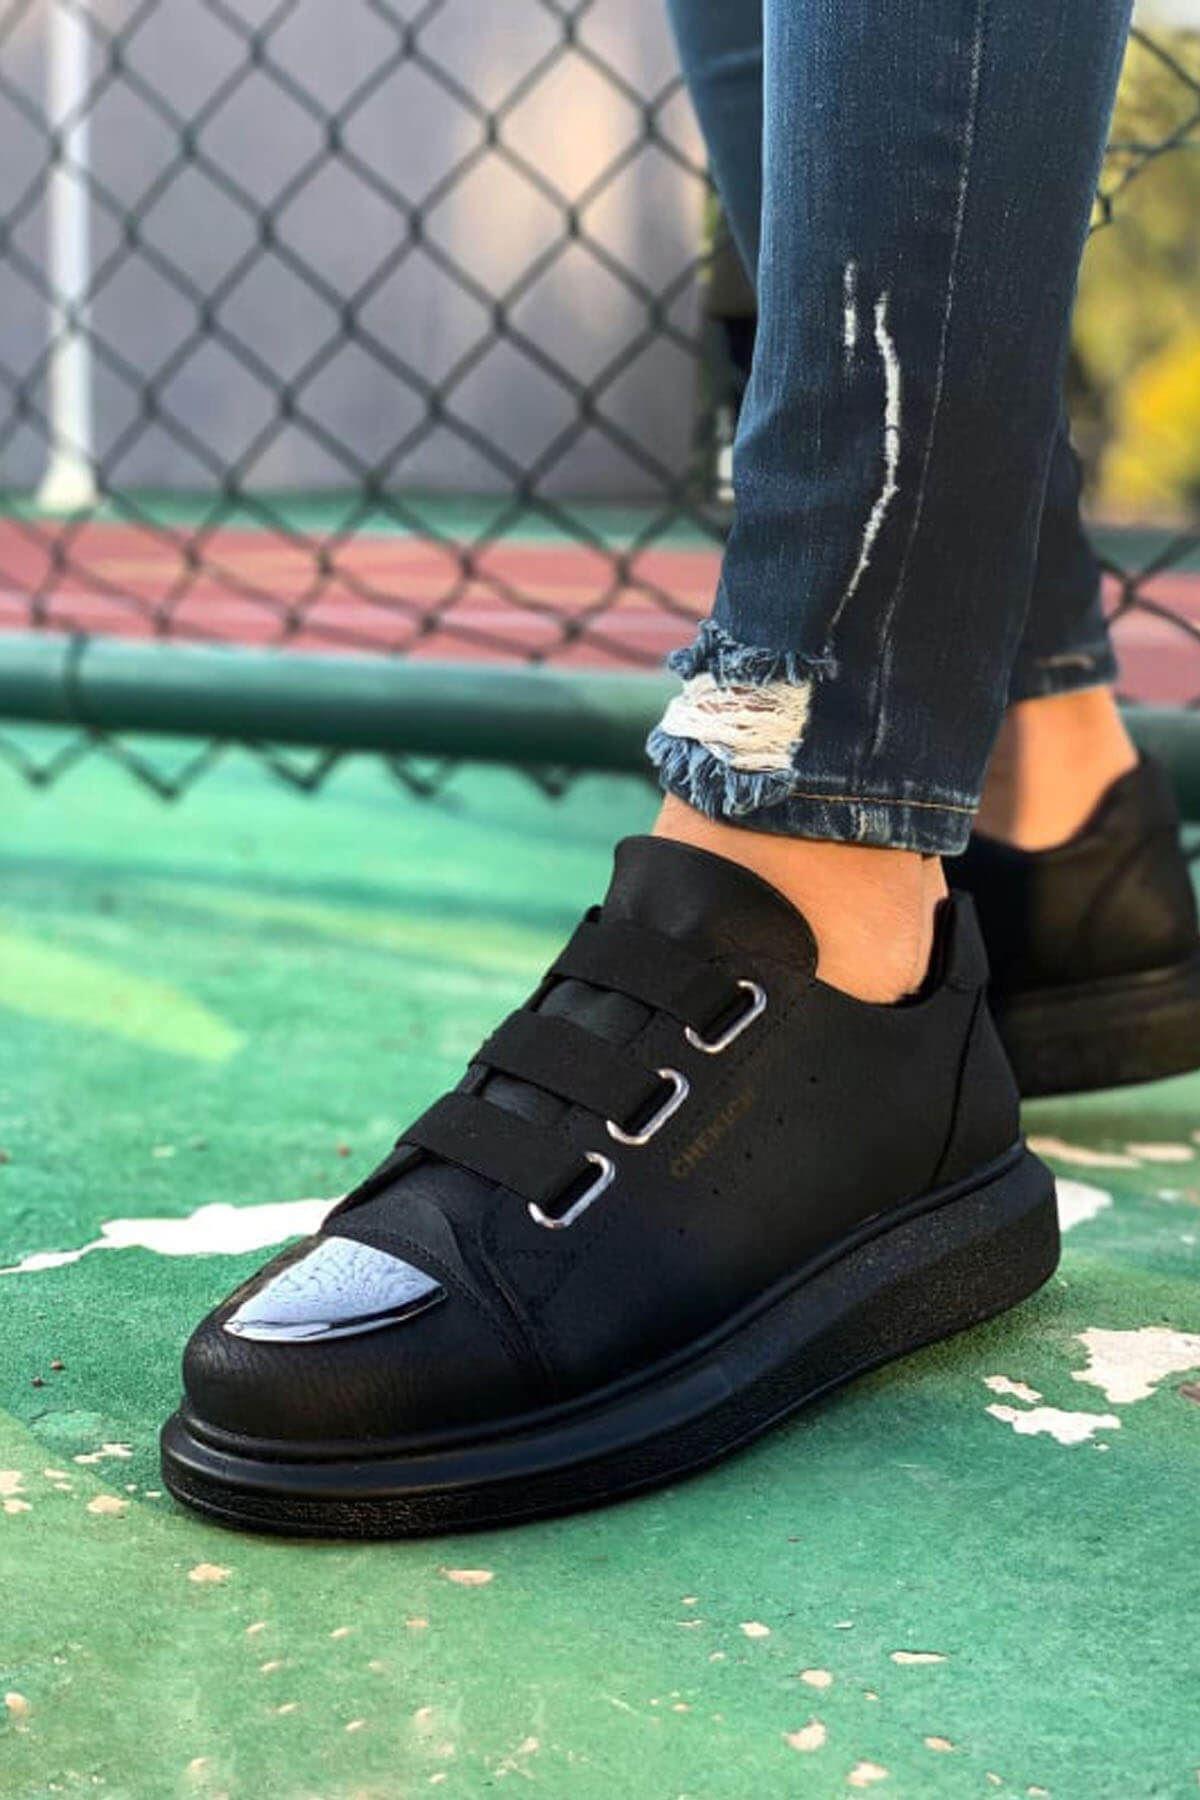 Chekich St Erkek Ayakkabı Siyah Ch251 1